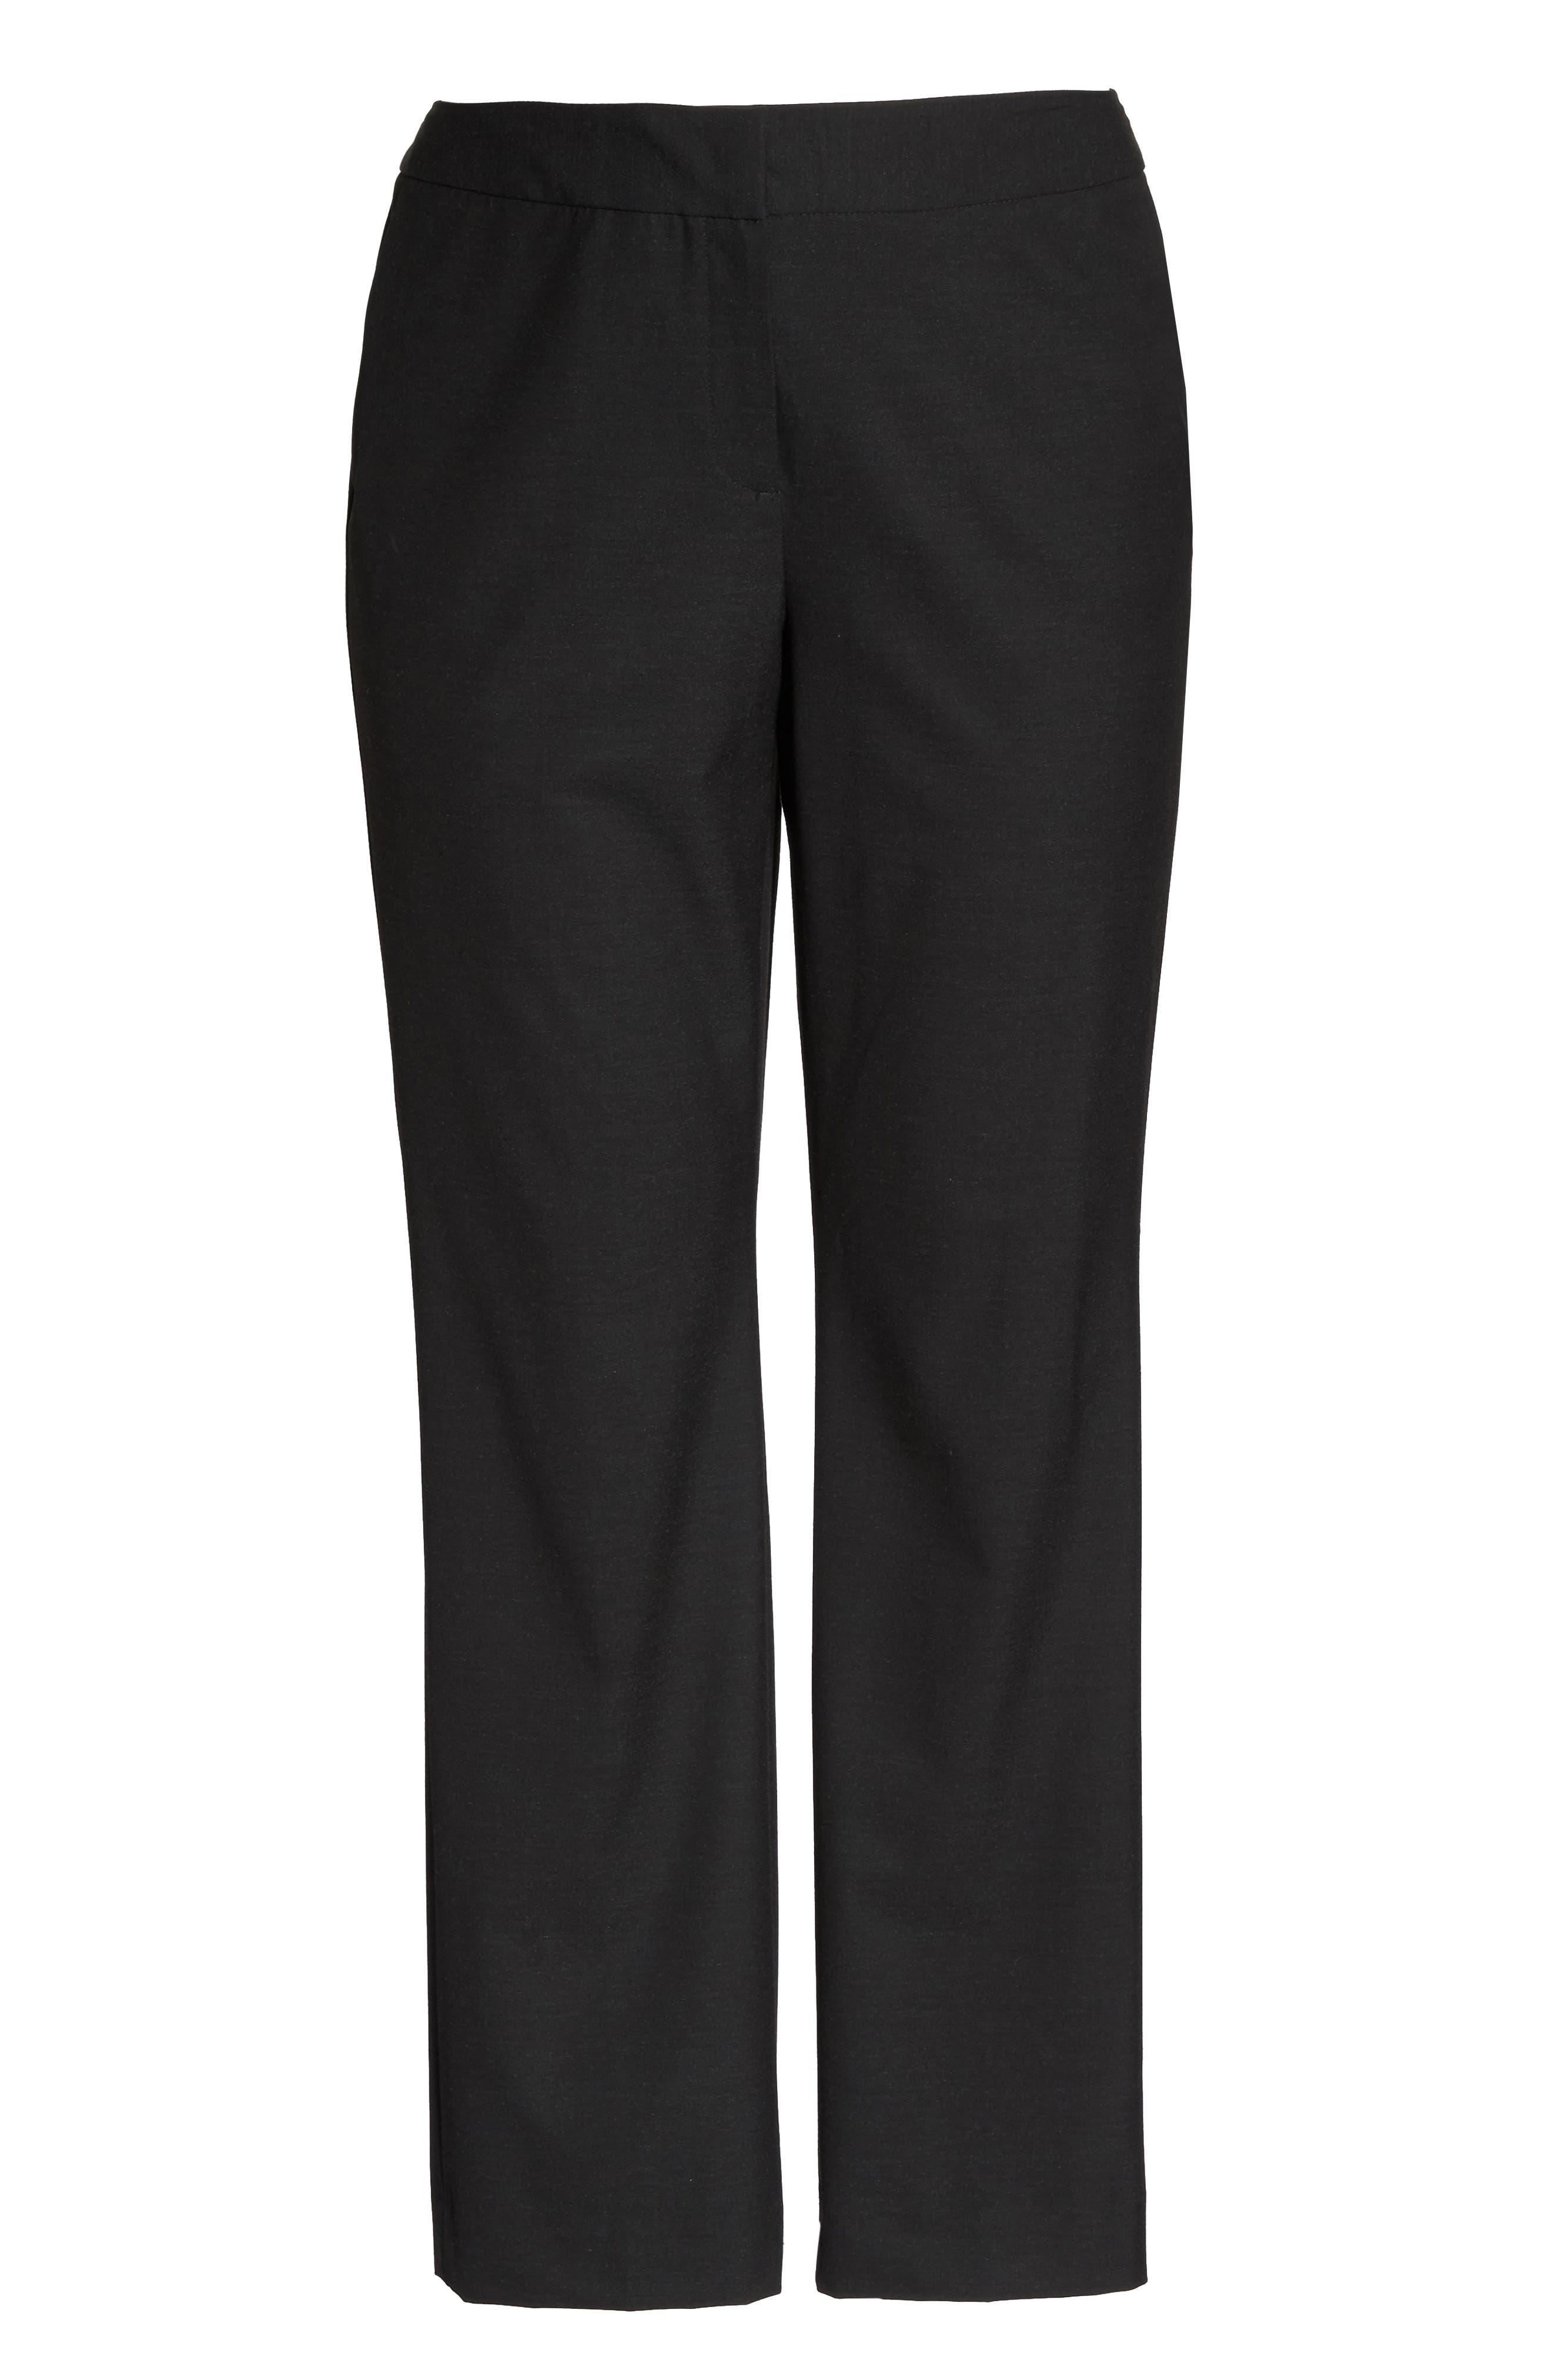 'Ela' Stretch Curvy Fit Wide Leg Suit Pants,                             Alternate thumbnail 6, color,                             022